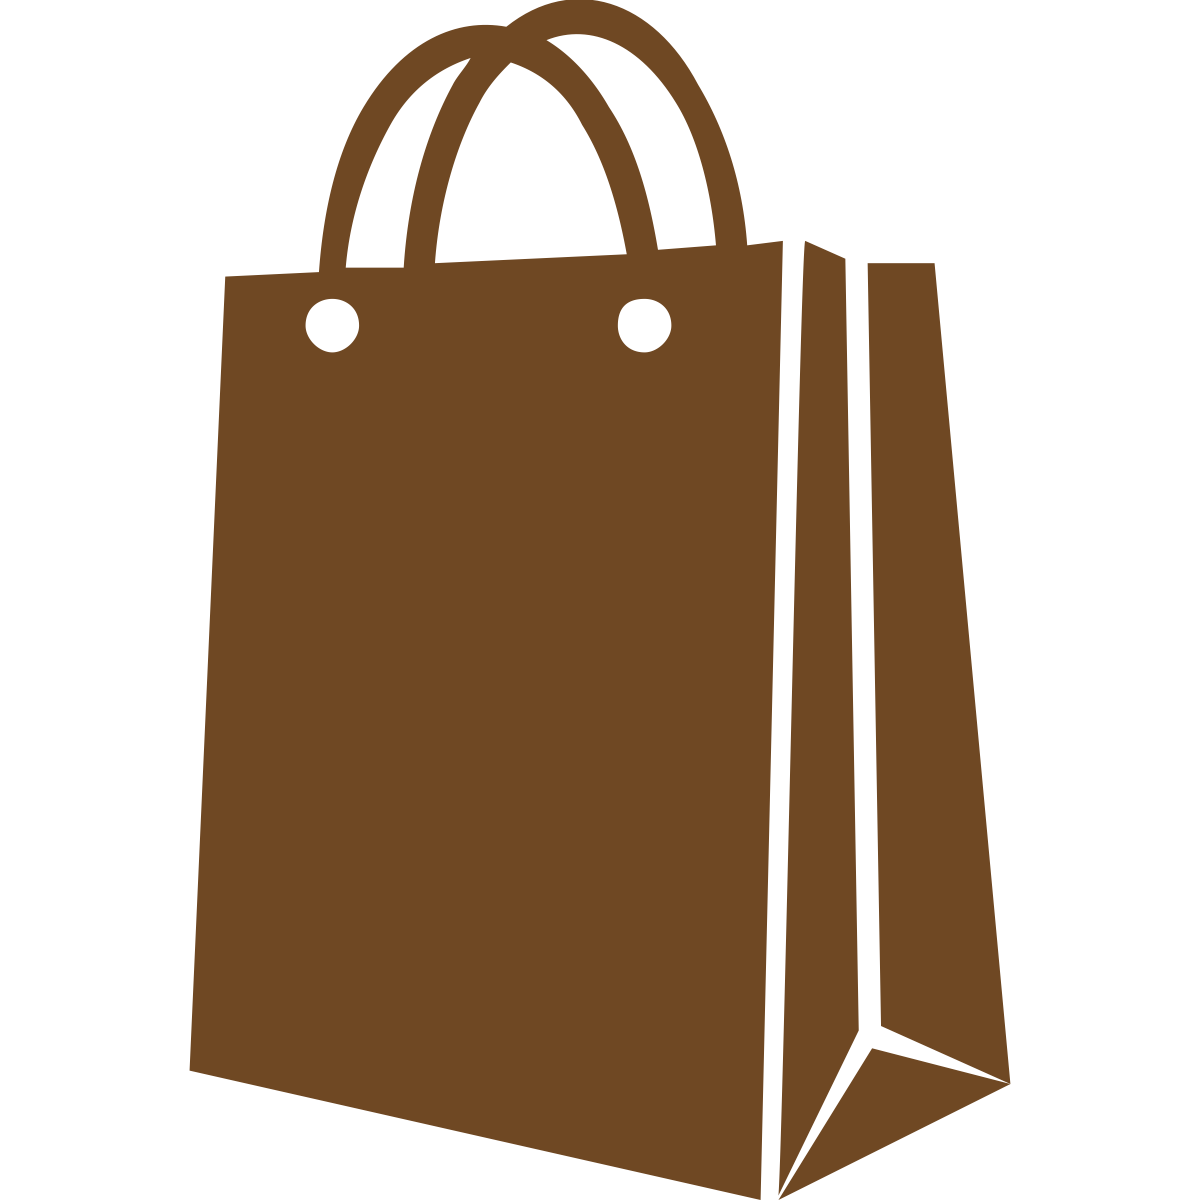 Botigues especialitzades